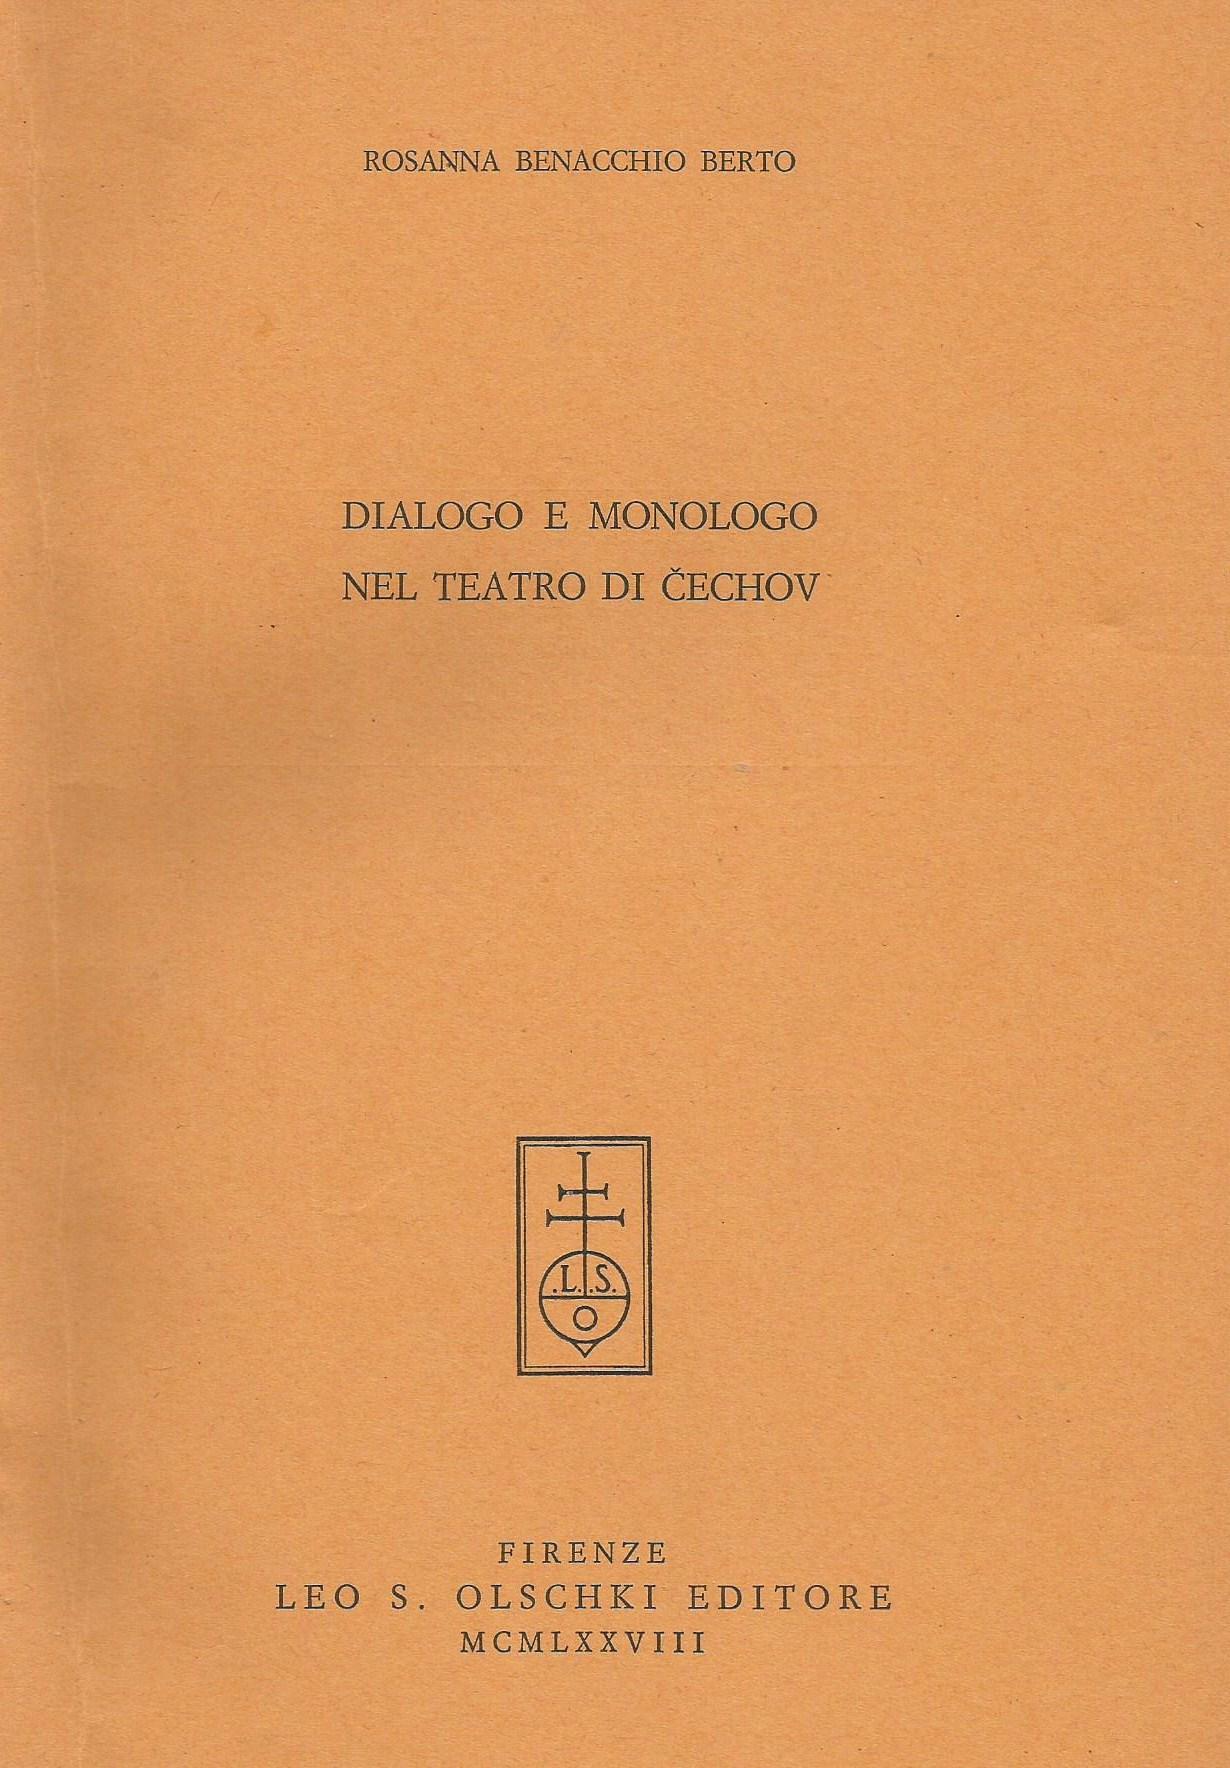 Dialogo e monologo nel teatro di Čechov